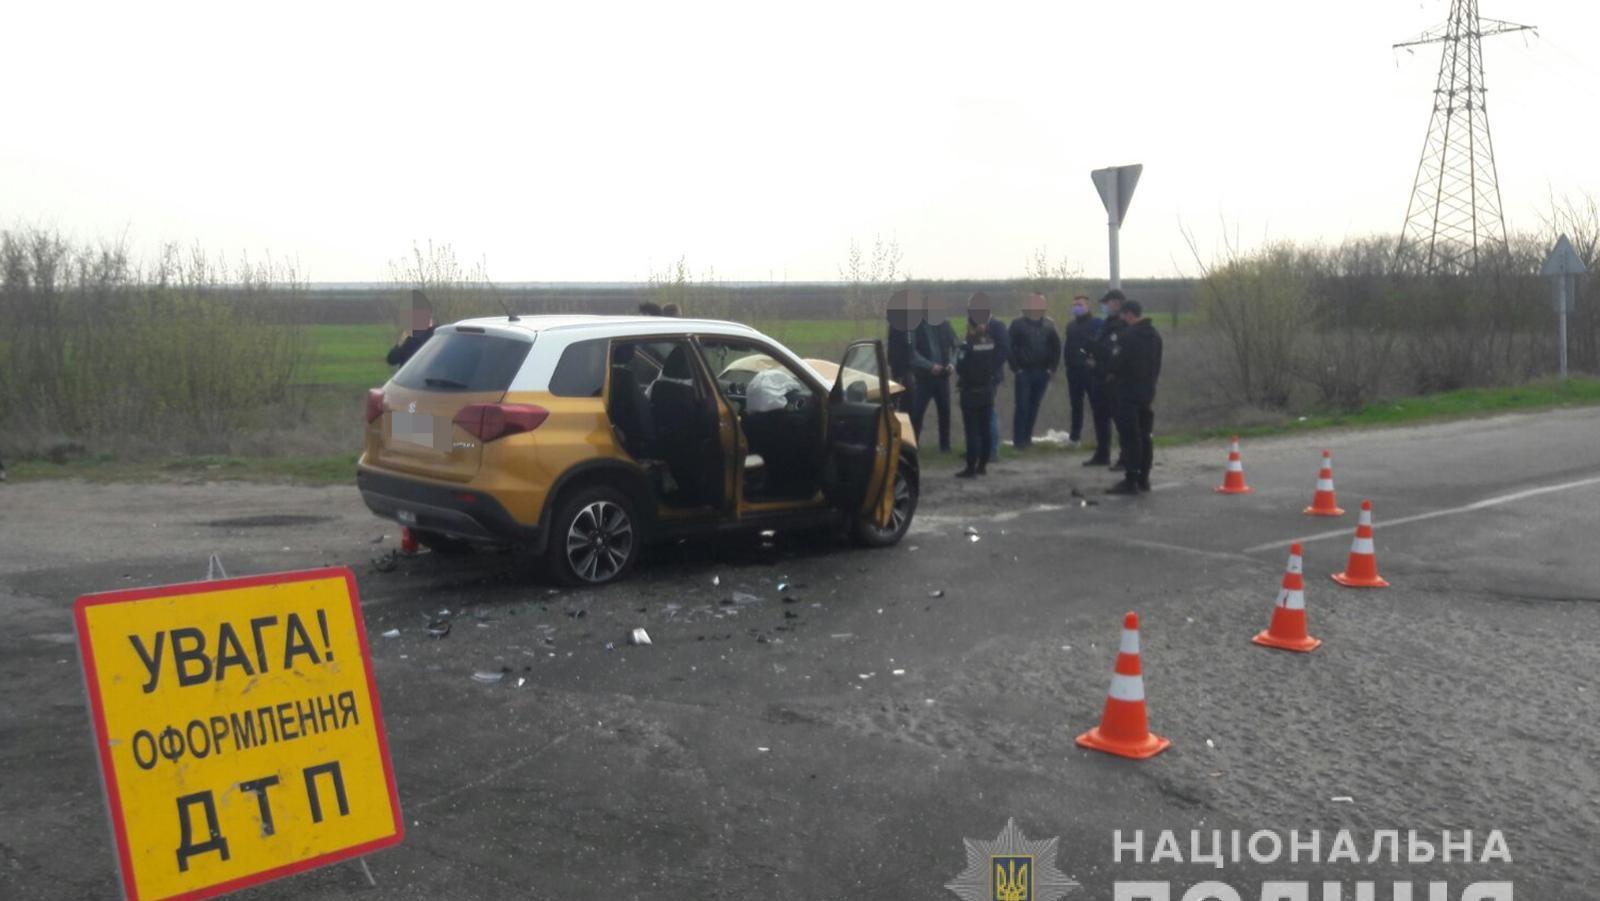 У Запорізькій області 18-річний водій не поступився дорогою і влаштував ДТП: постраждали шестеро людей, – ФОТО